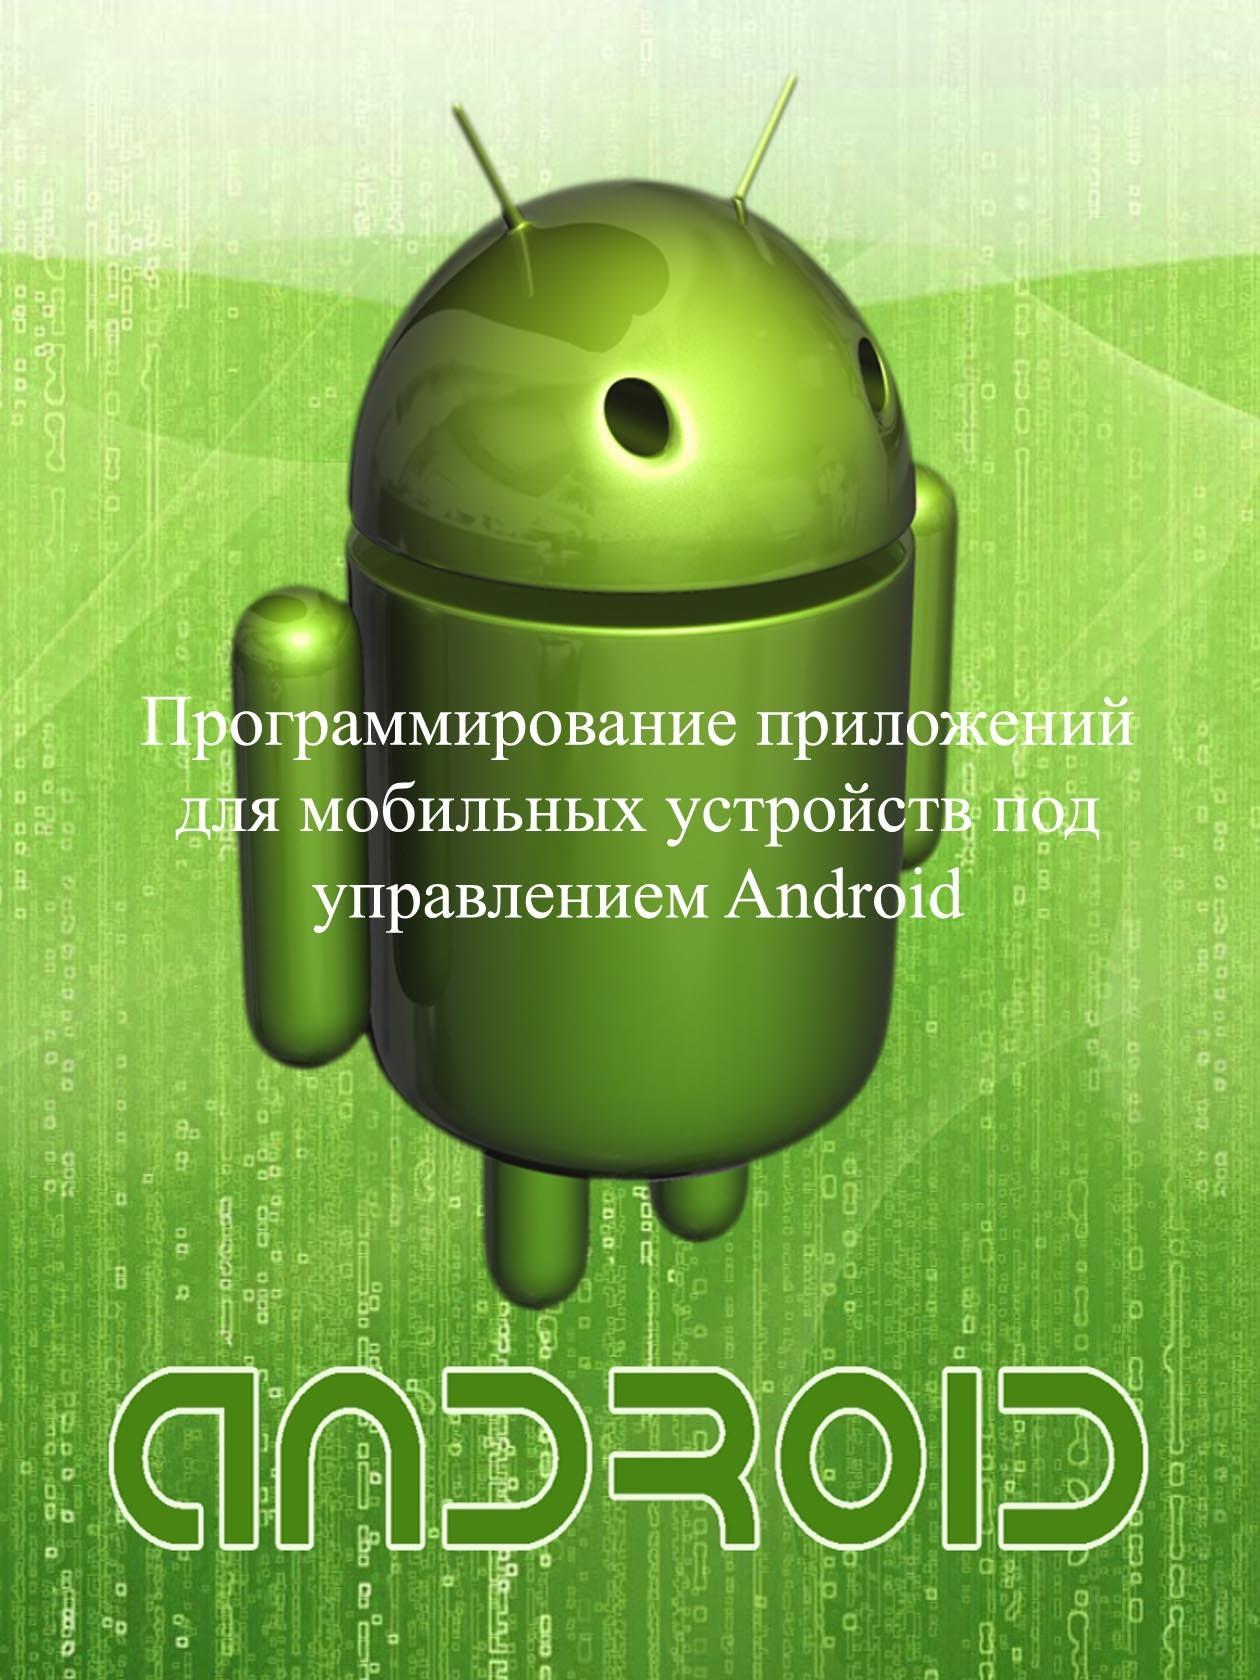 Евгений Сенько Программирование приложений для мобильных устройств под управлением Android. Часть 1